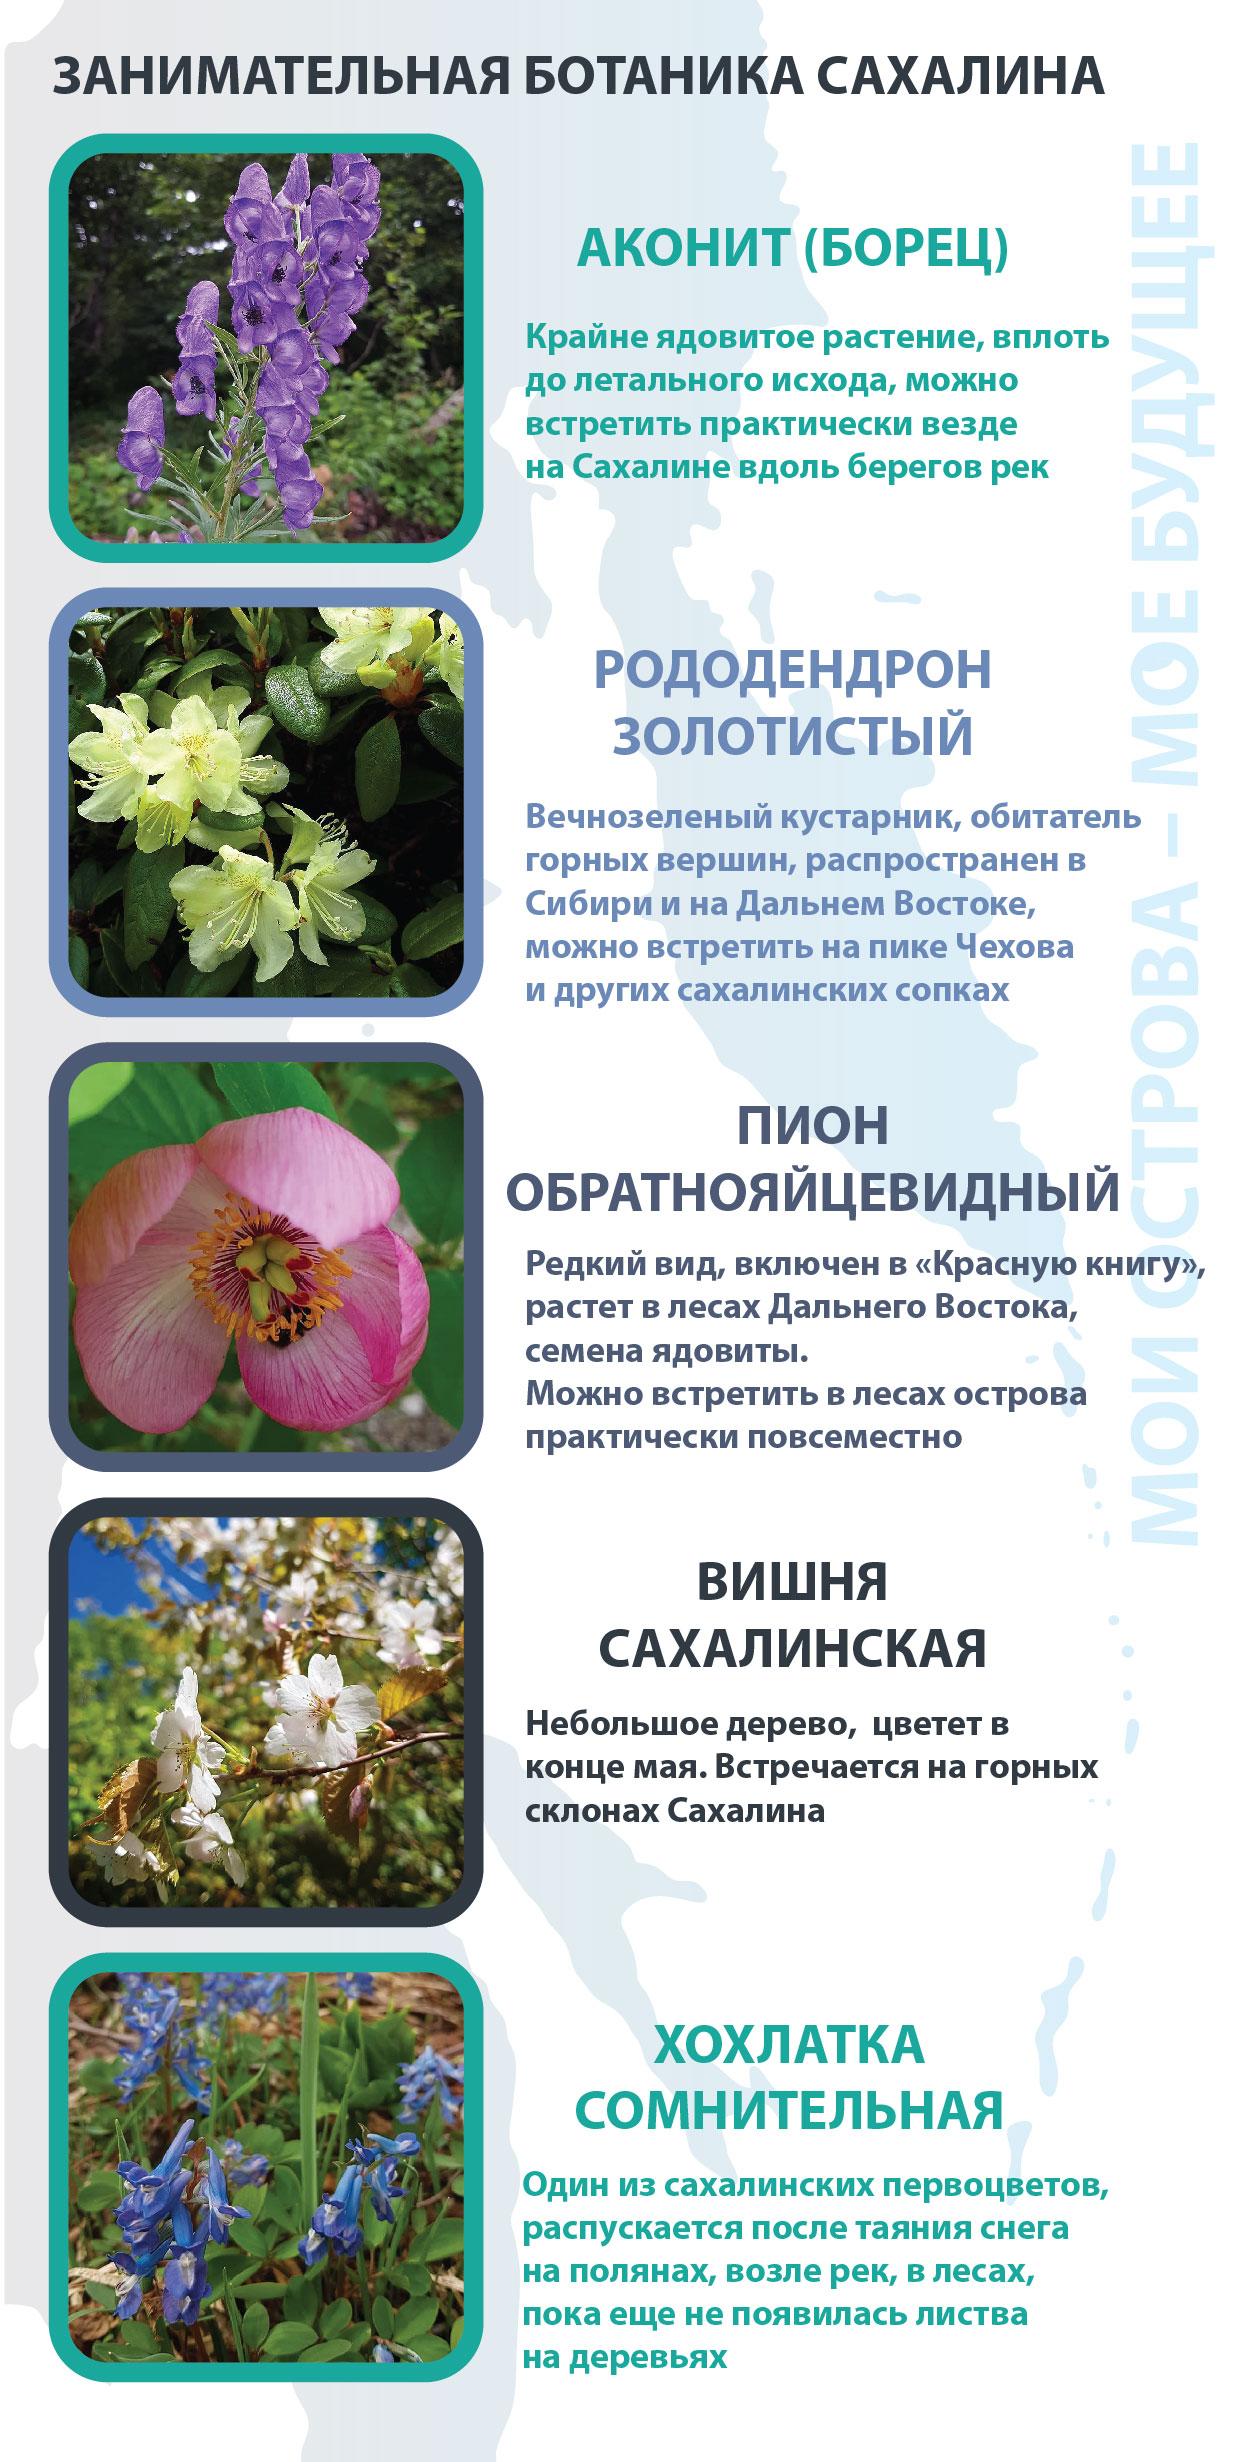 Botanika-01